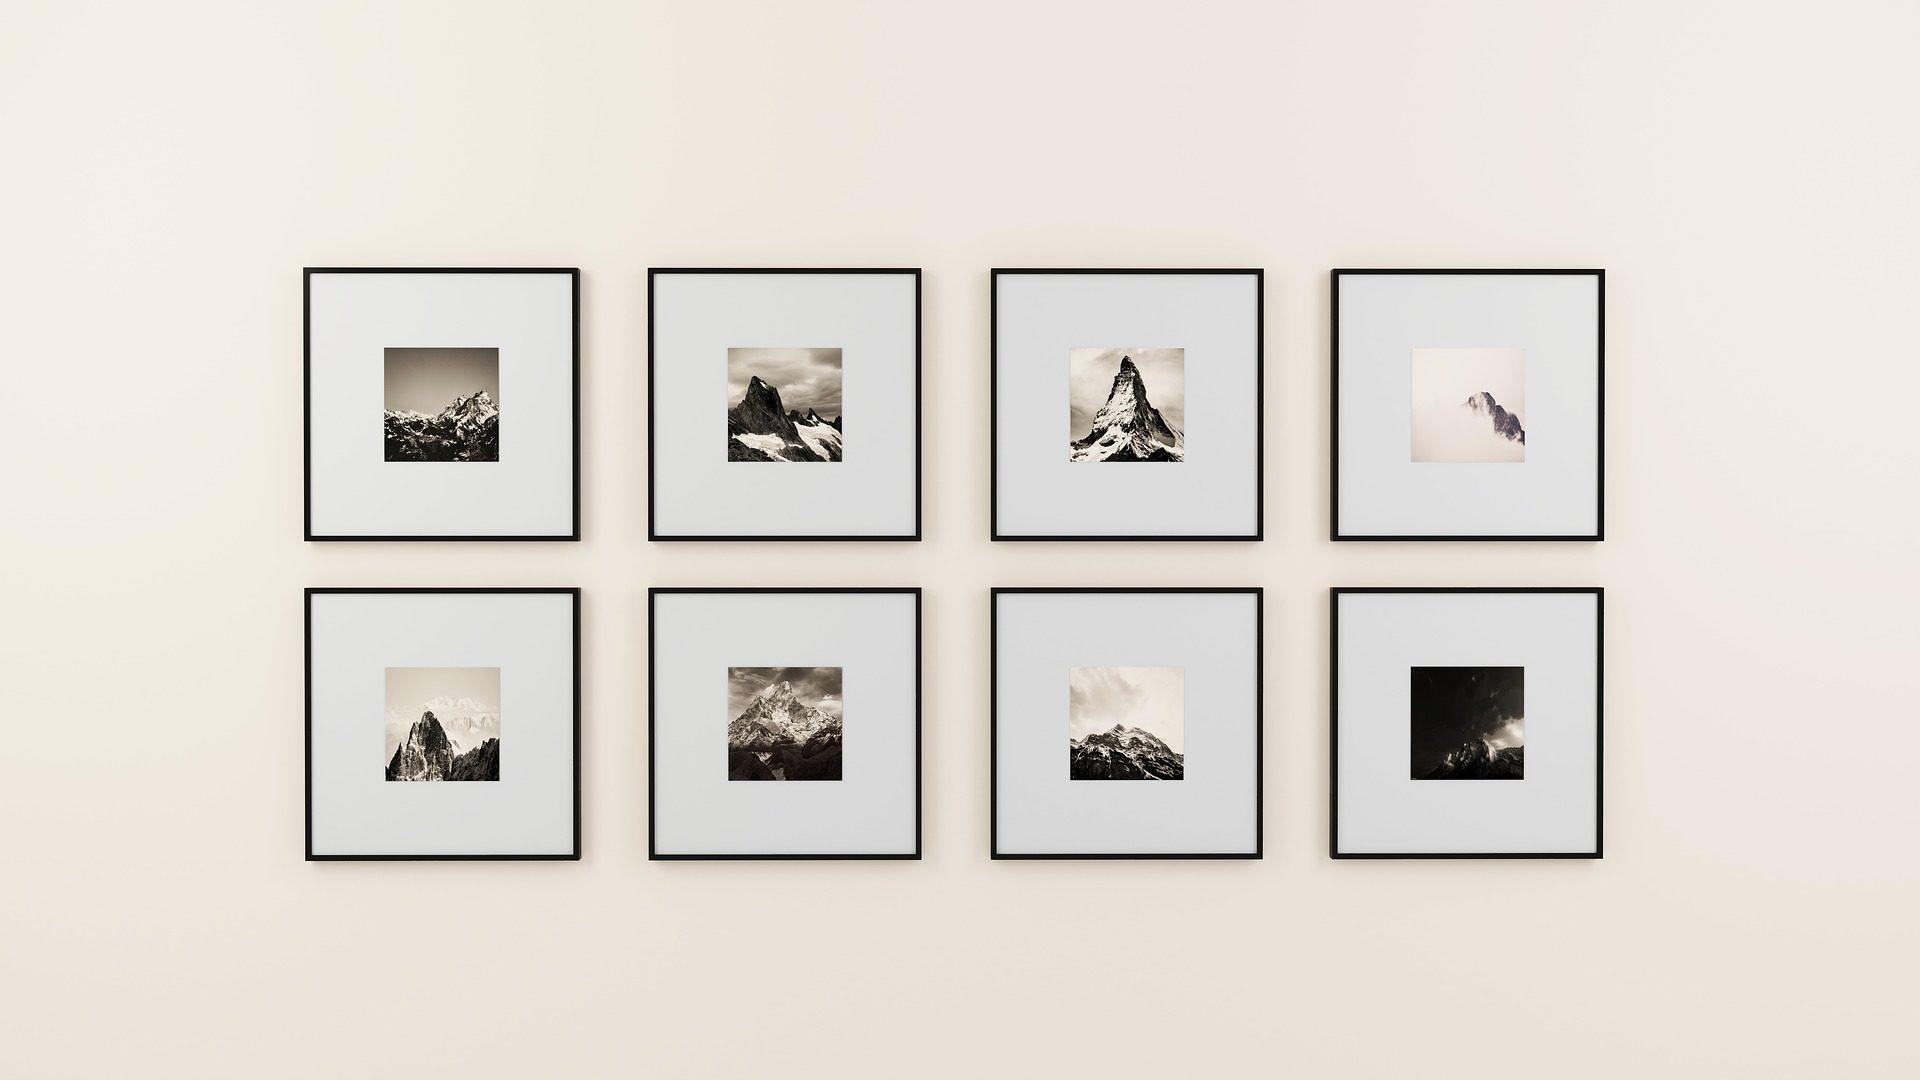 Fotowand gestalten – 5 kreative Ideen